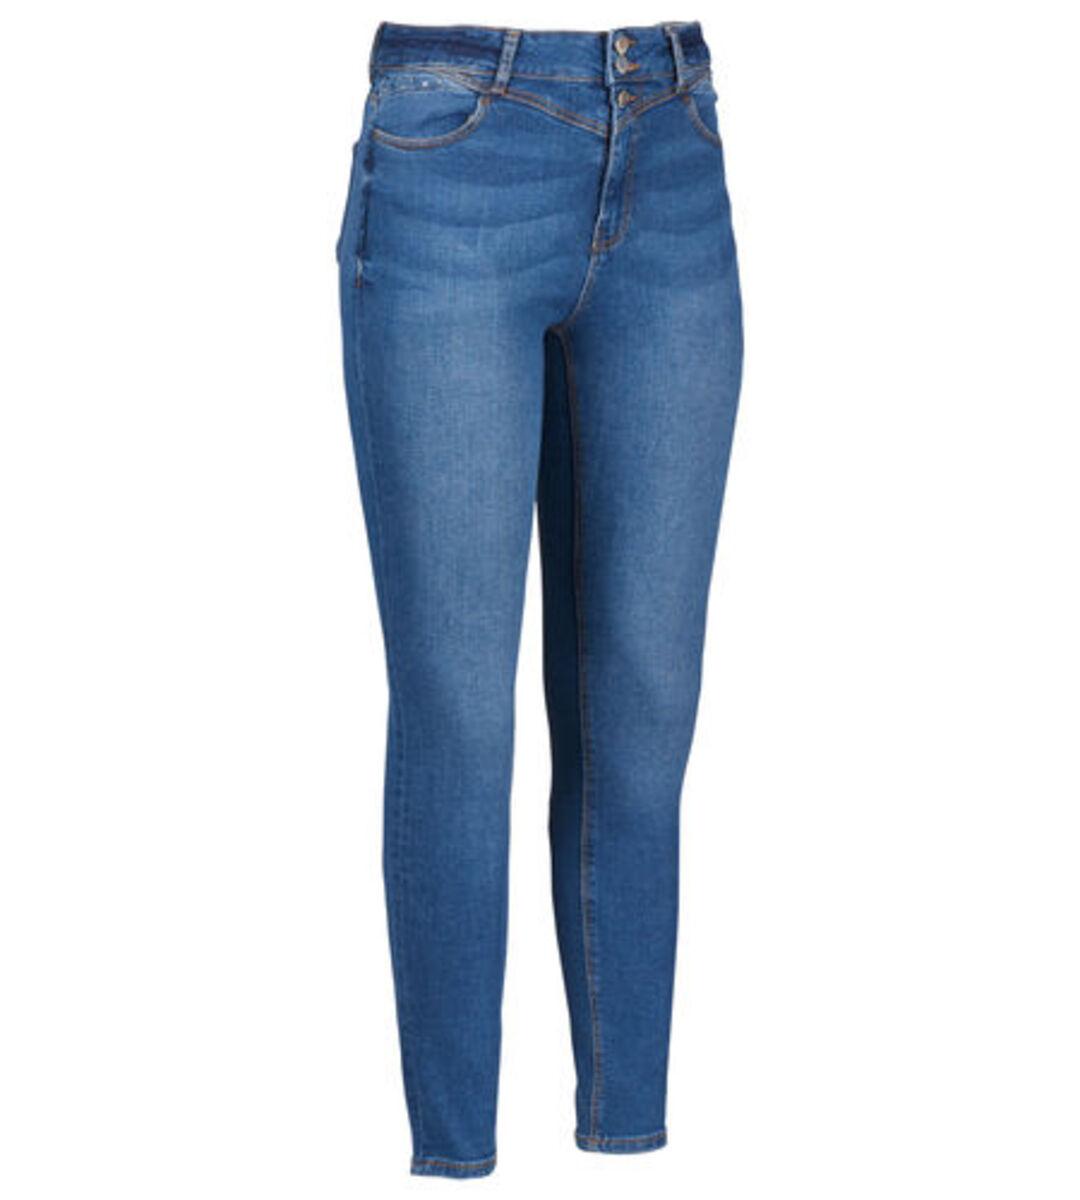 Bild 1 von Jeans